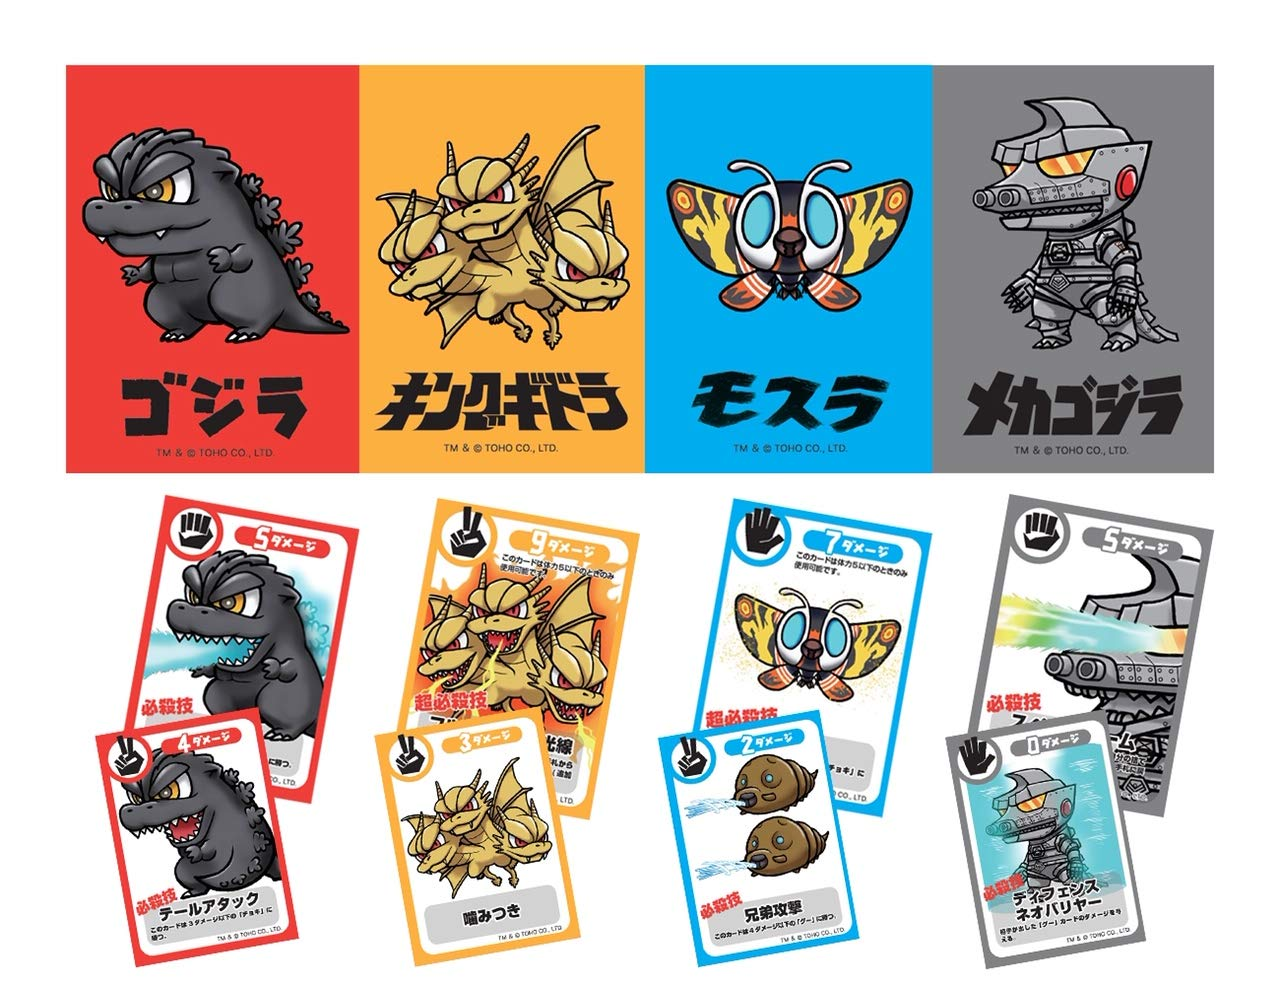 ゴジラバトル 〜怪獣カード対決!!〜